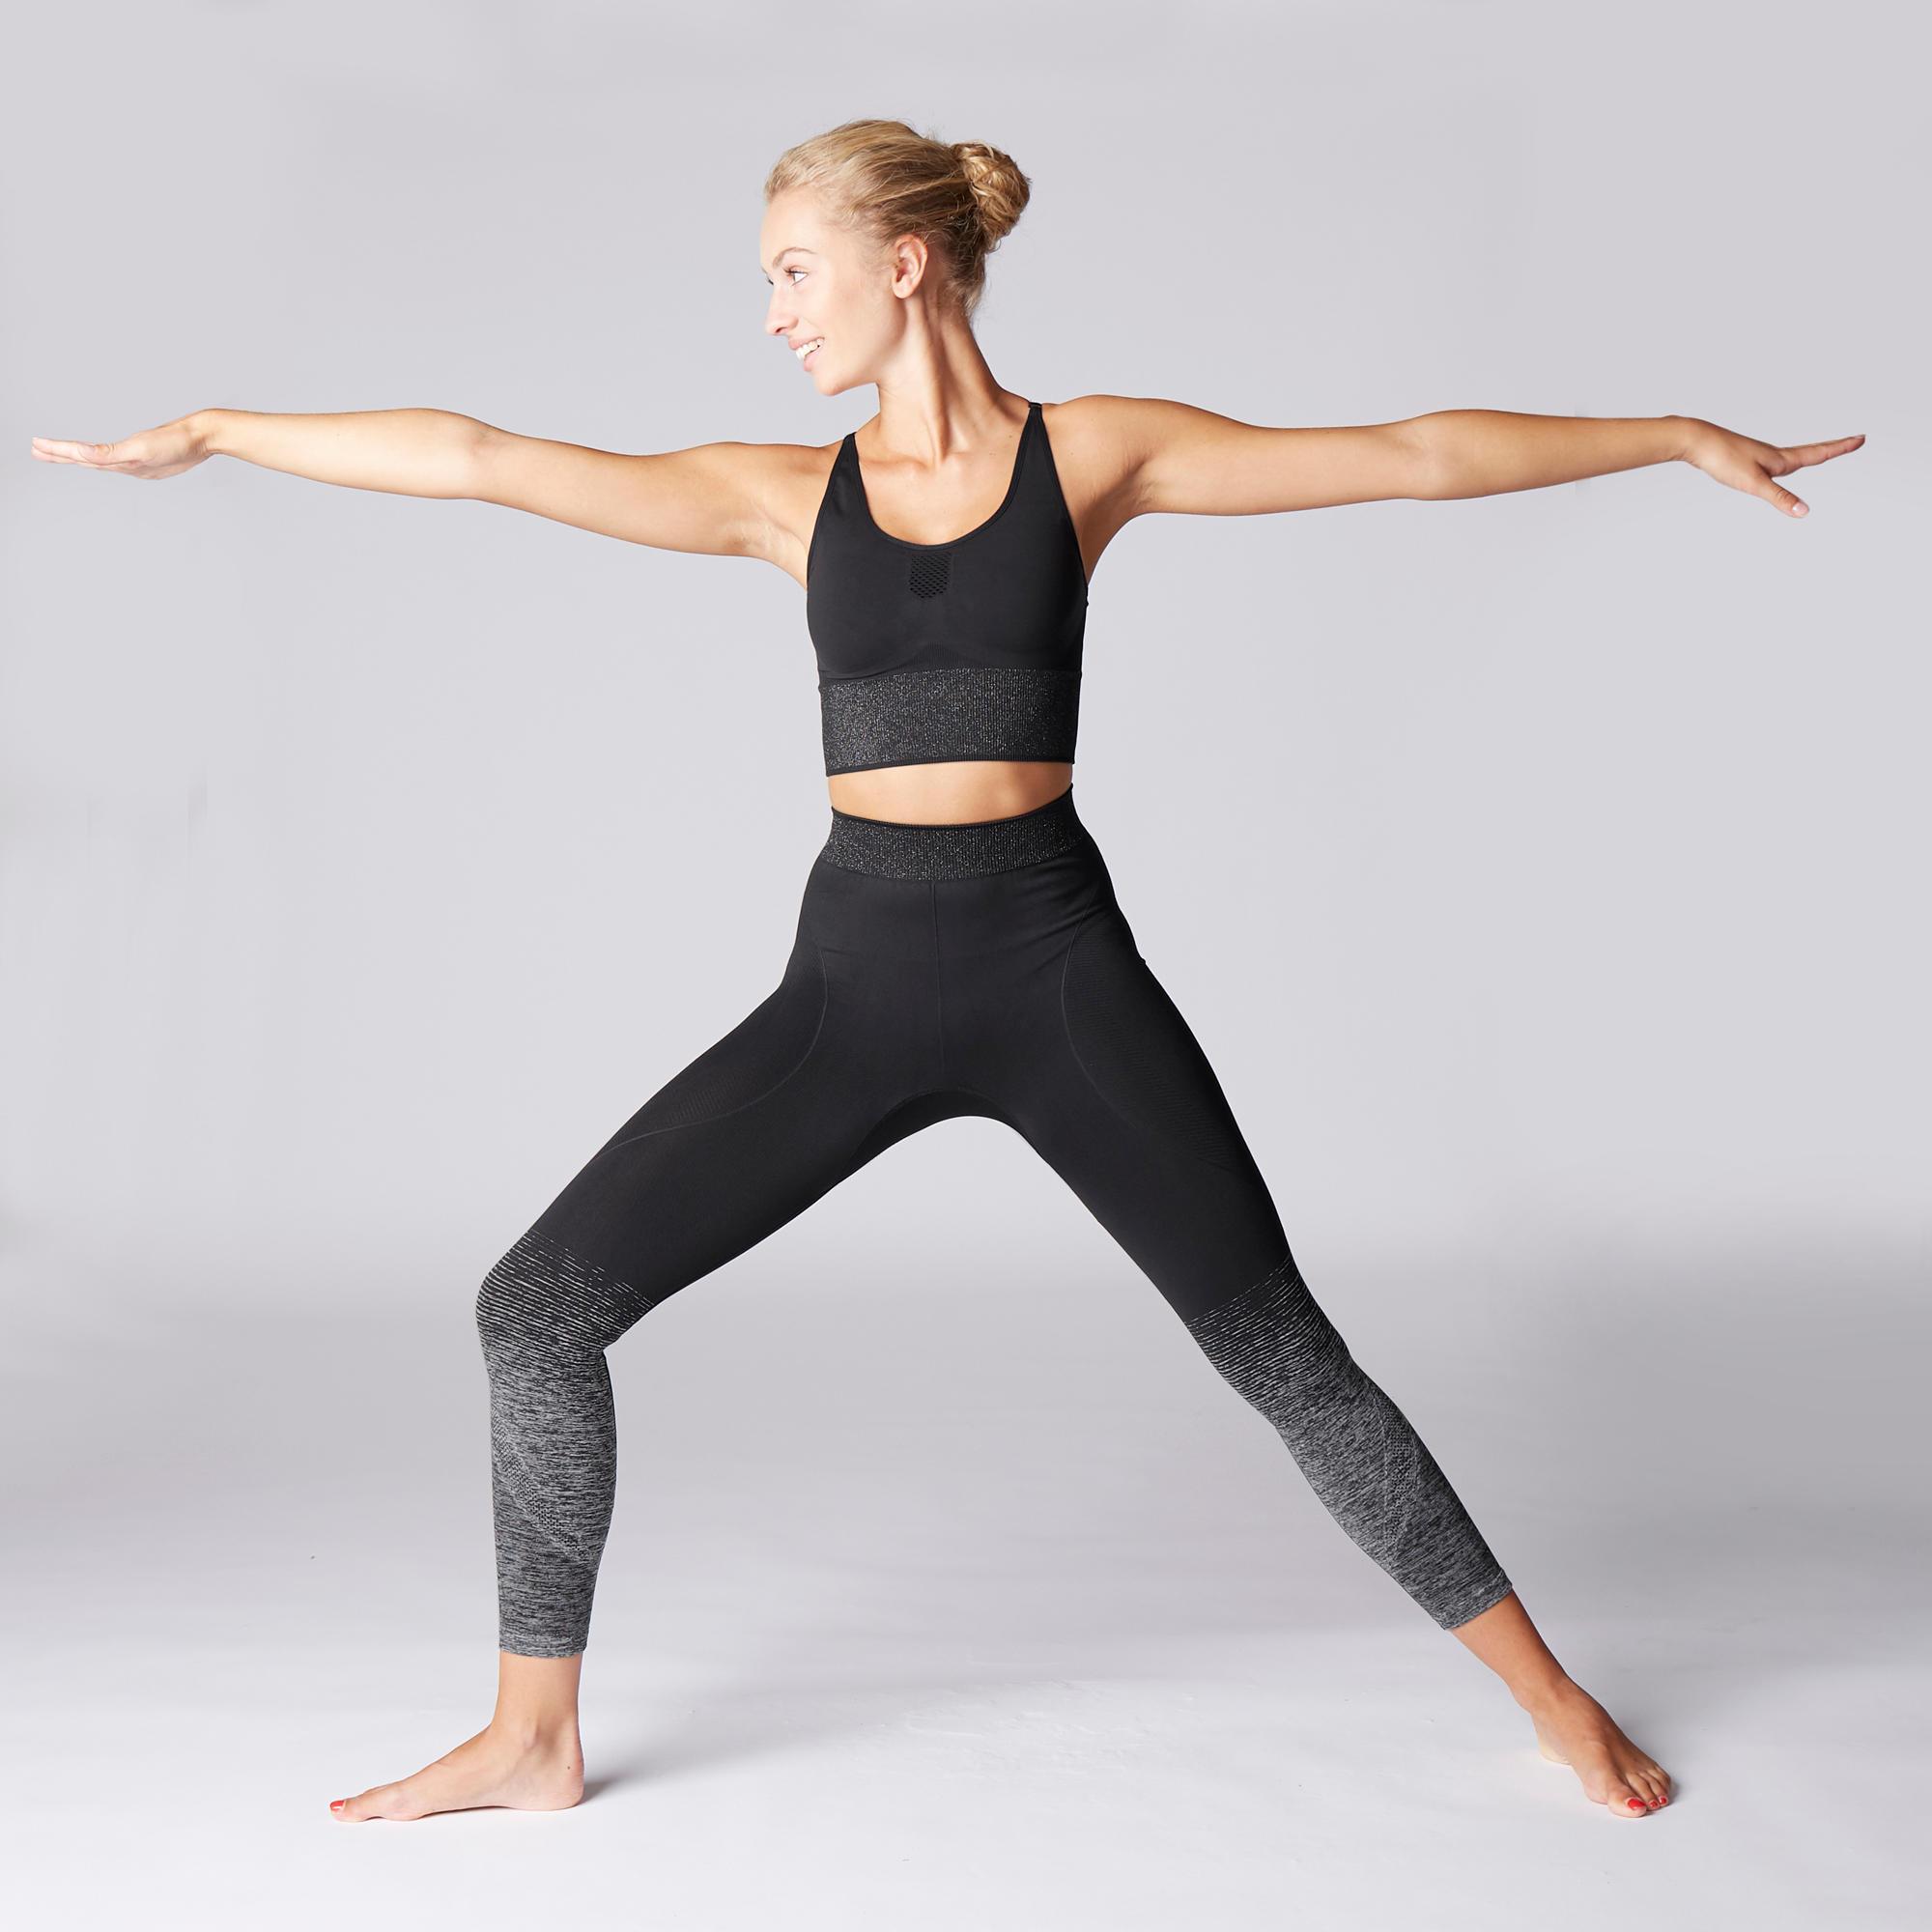 13da214daee9c4 Seamless 7/8 Yoga Leggings - Black/Silver | Domyos by Decathlon